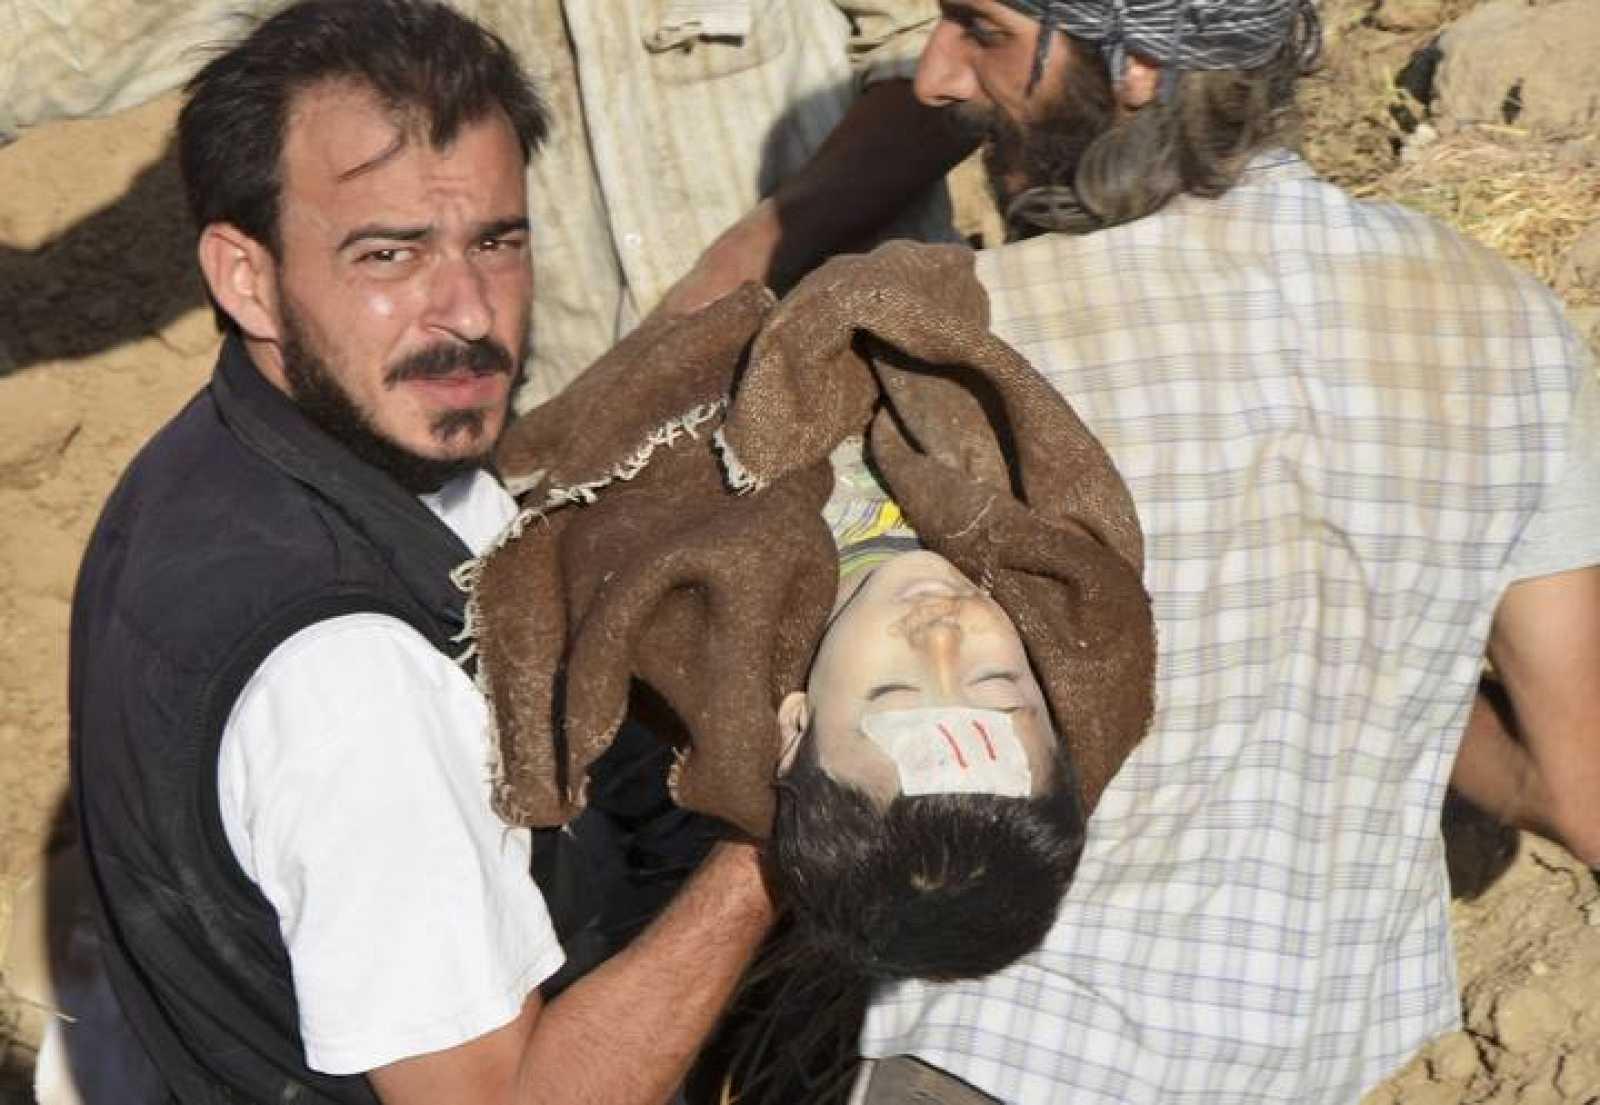 Un hombre traslada el cuerpo de una de las víctimas del supuesto ataque químico para su funeral en Hamoria, Siria.